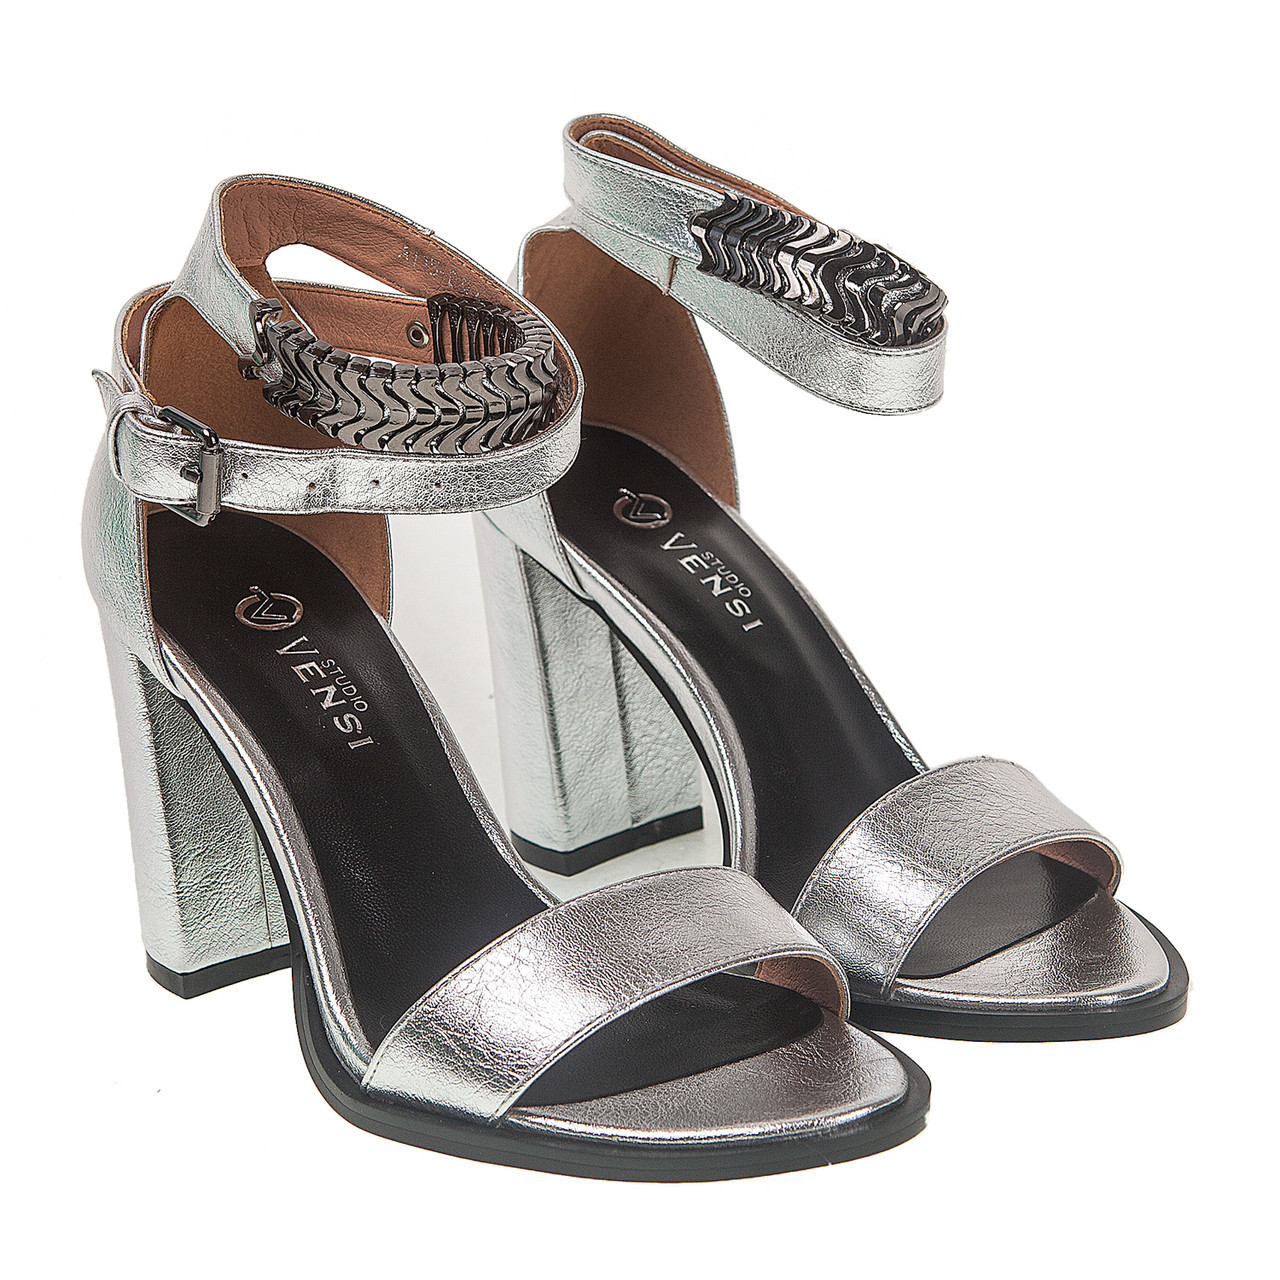 c4c3248c5 Босоножки женские Vensi (серебристые, оригинальные, модные, удобные) -  Интернет-магазин